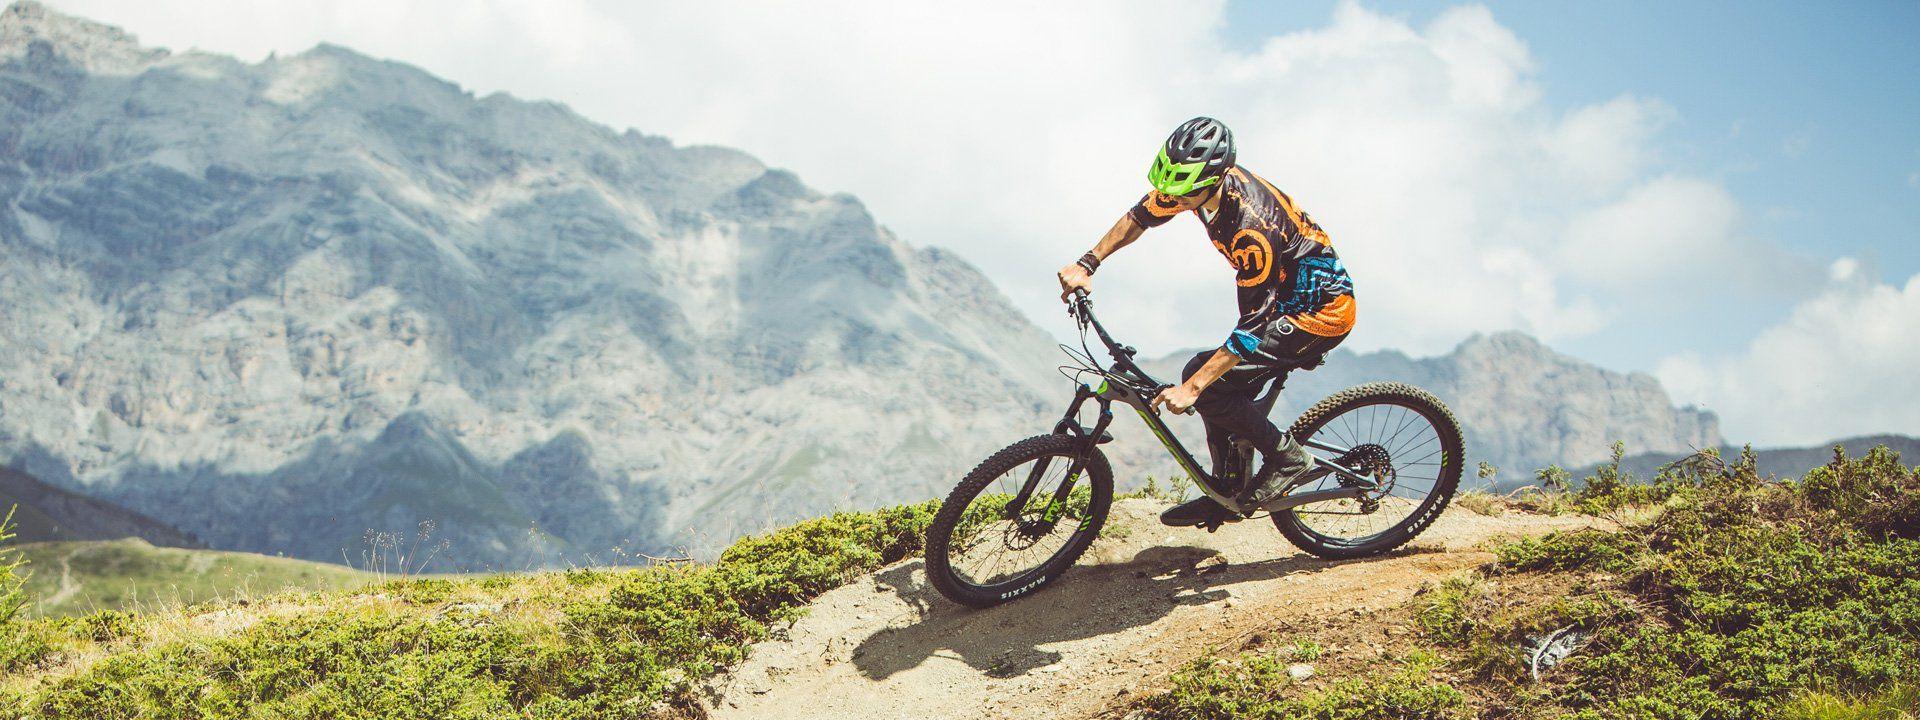 Bikepark Mottolino Livigno Enduro Natural Trail Interessant El